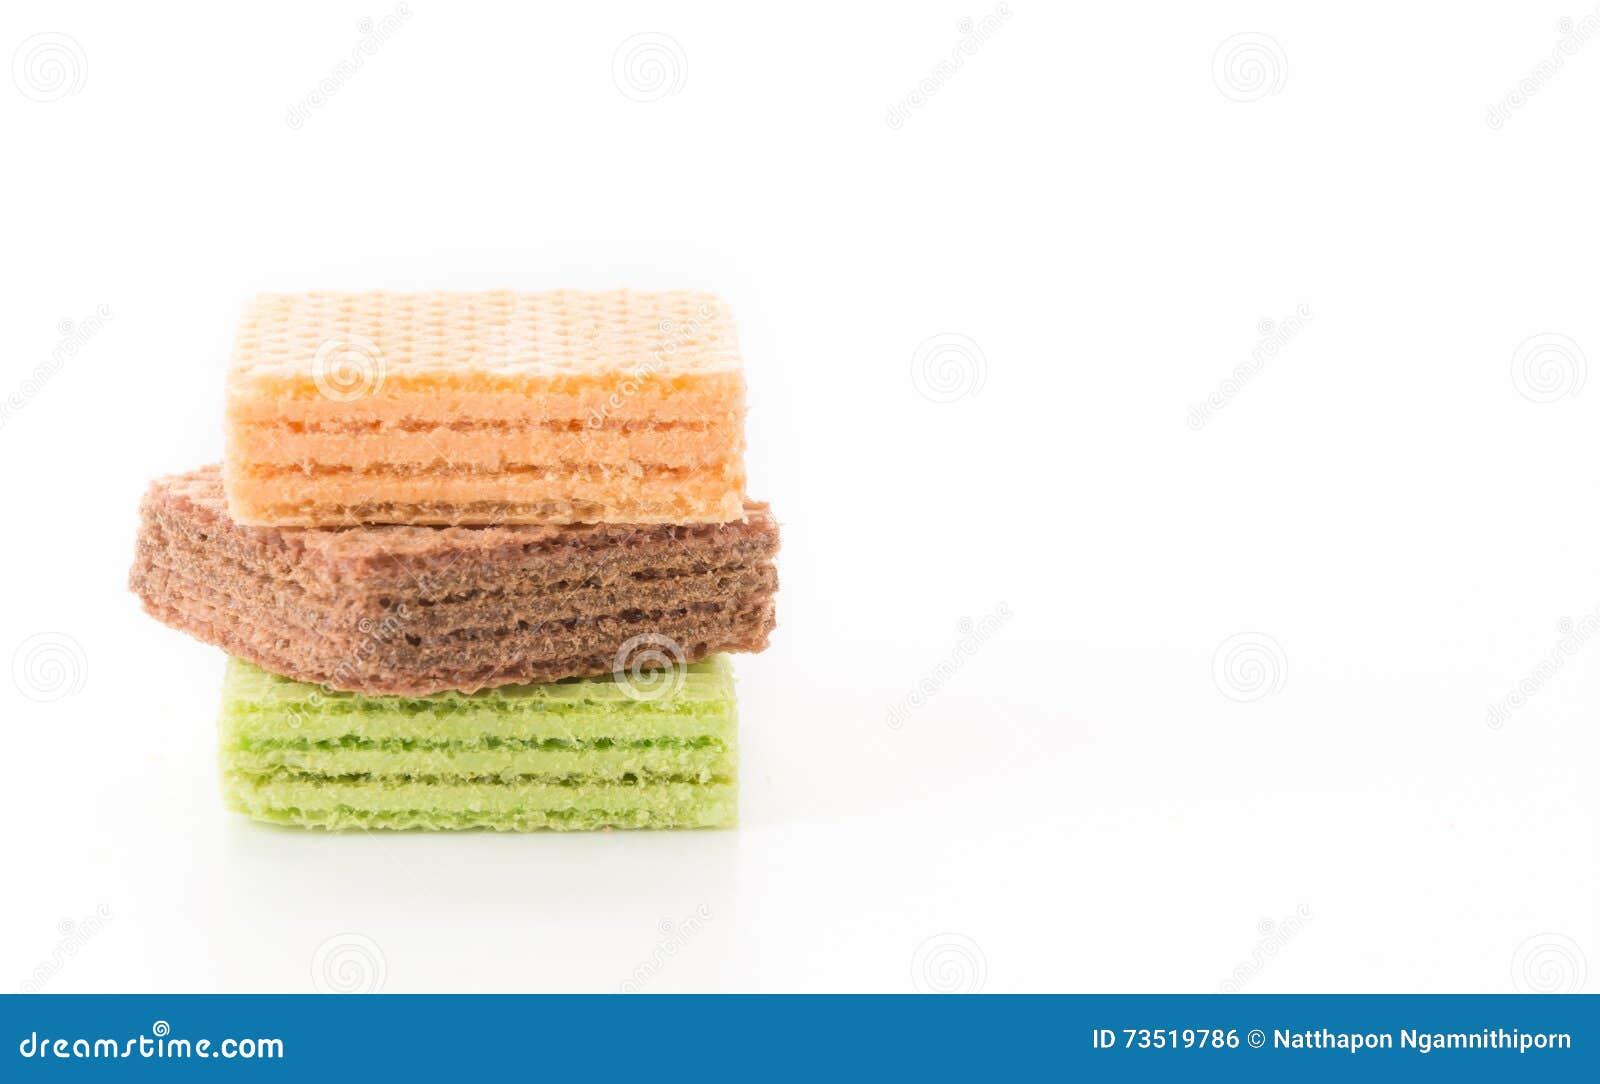 Kleurrijk wafeltje